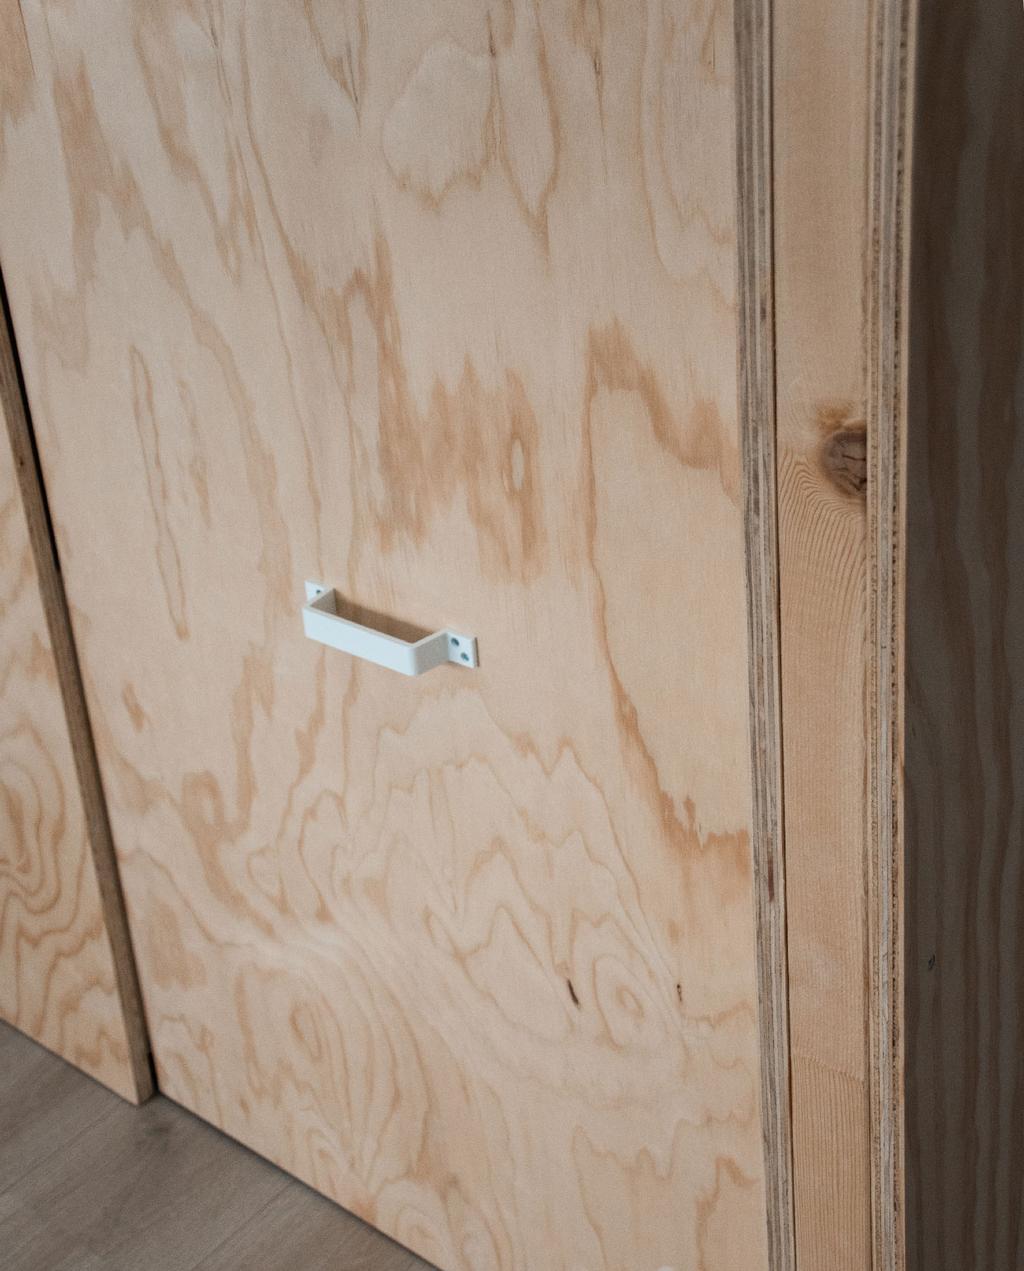 vtwonen blog rachel | hout voor warm interieur diy houten kast